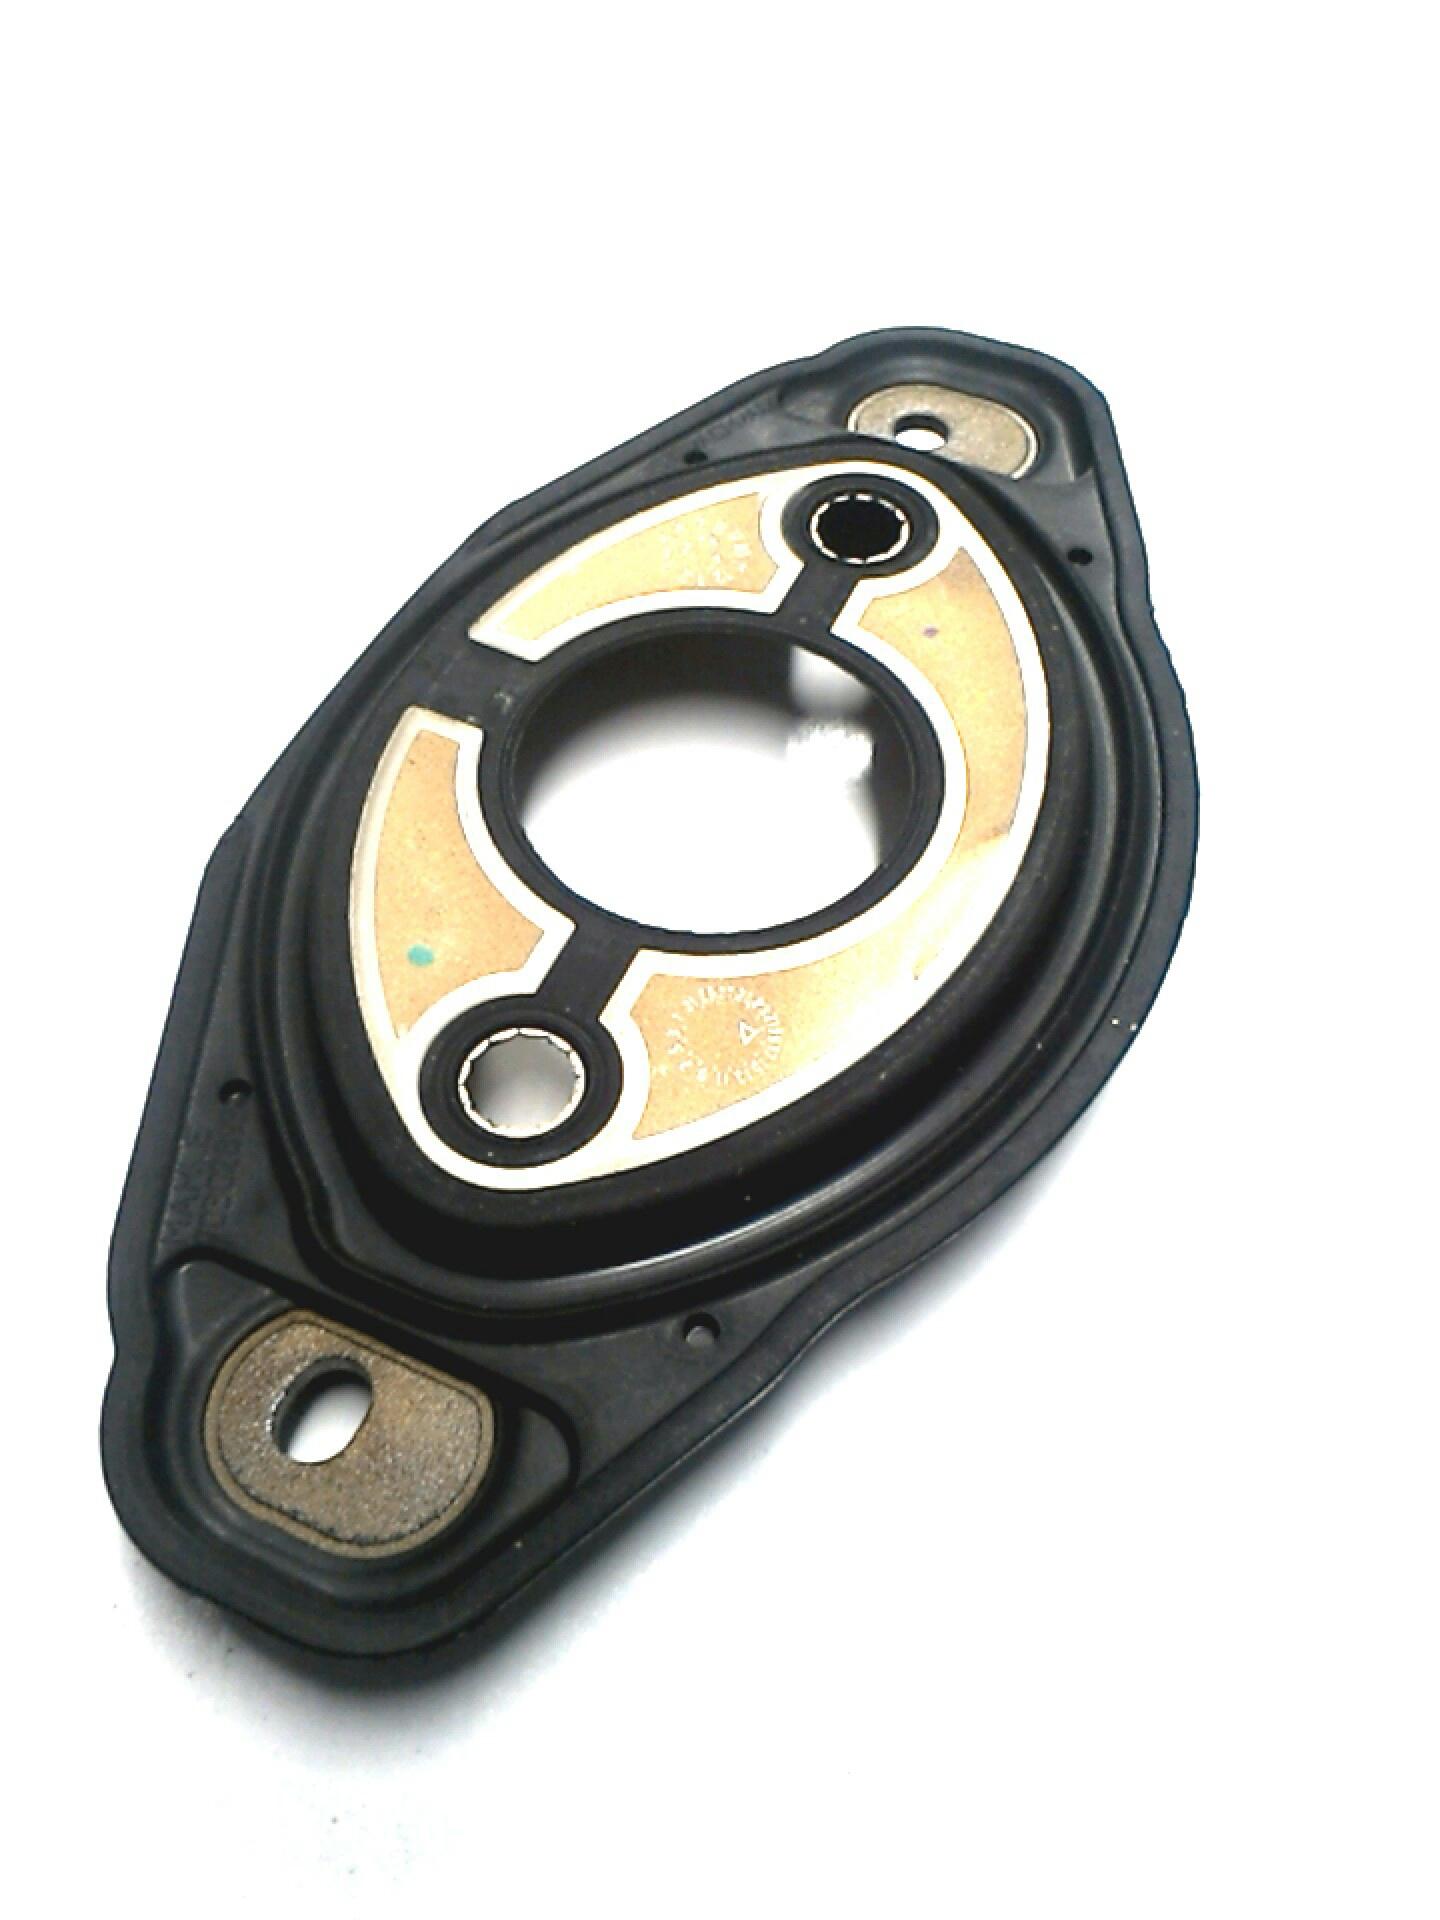 2008 Bmw 323i Gasket  Cylinder  Head  Engine  Electr  Add - 11127552280